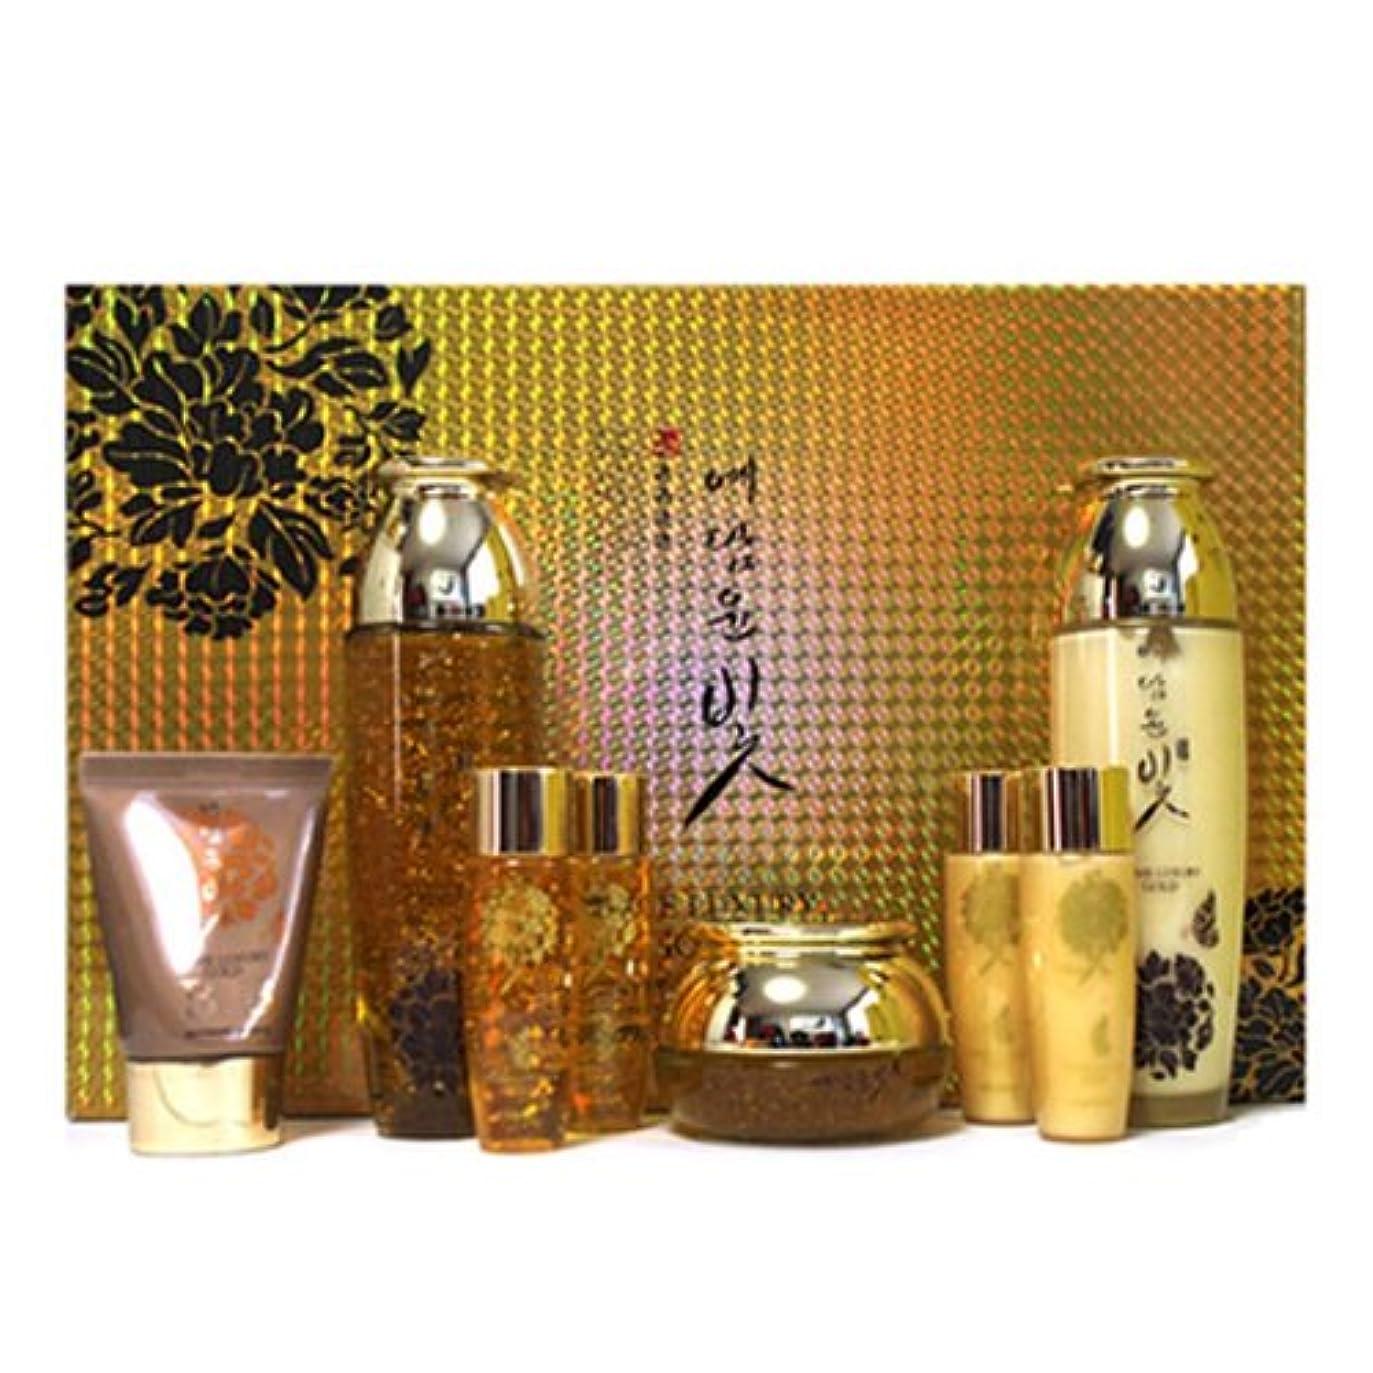 かなり所属レンズイェダムユンビト[韓国コスメYedam Yun Bit]Prime Luxury Gold Skin Care Set プライムラグジュアリーゴールドスキンケア4セット 樹液 乳液 クリーム/ BBクリーム [並行輸入品]